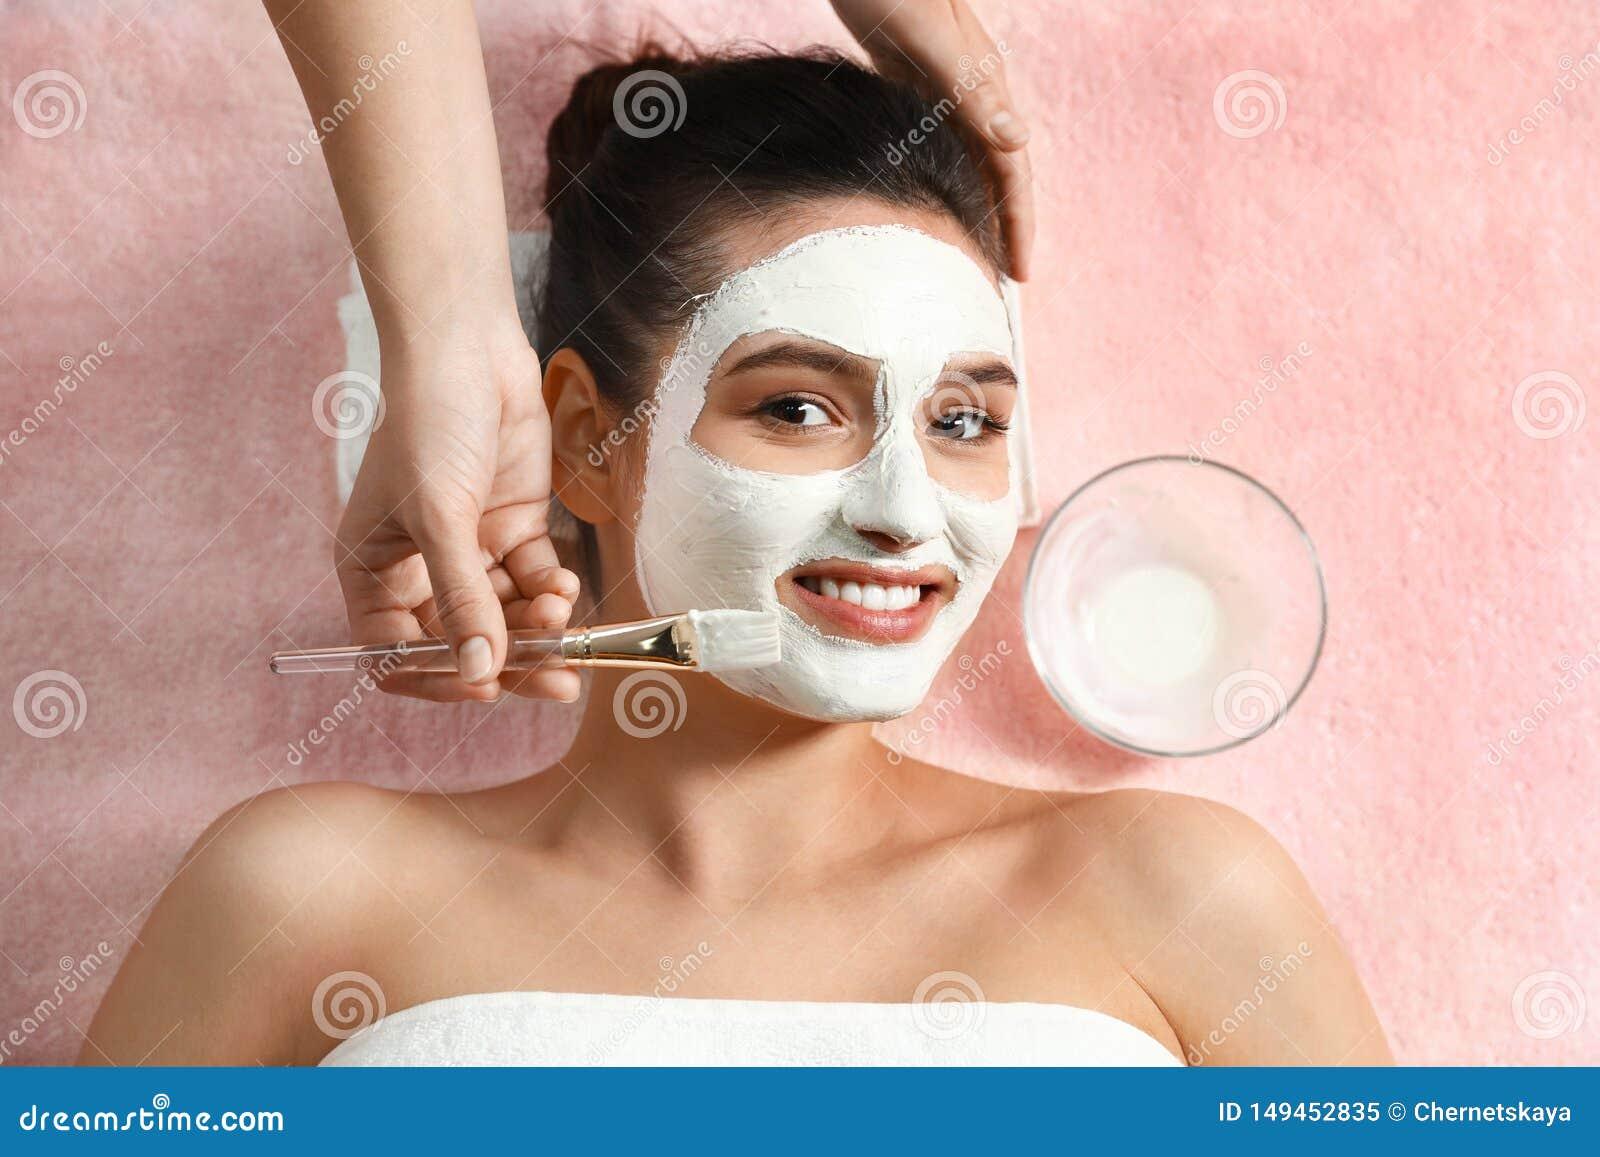 Cosmetologist die wit masker op het gezicht van de vrouw in kuuroordsalon toepassen